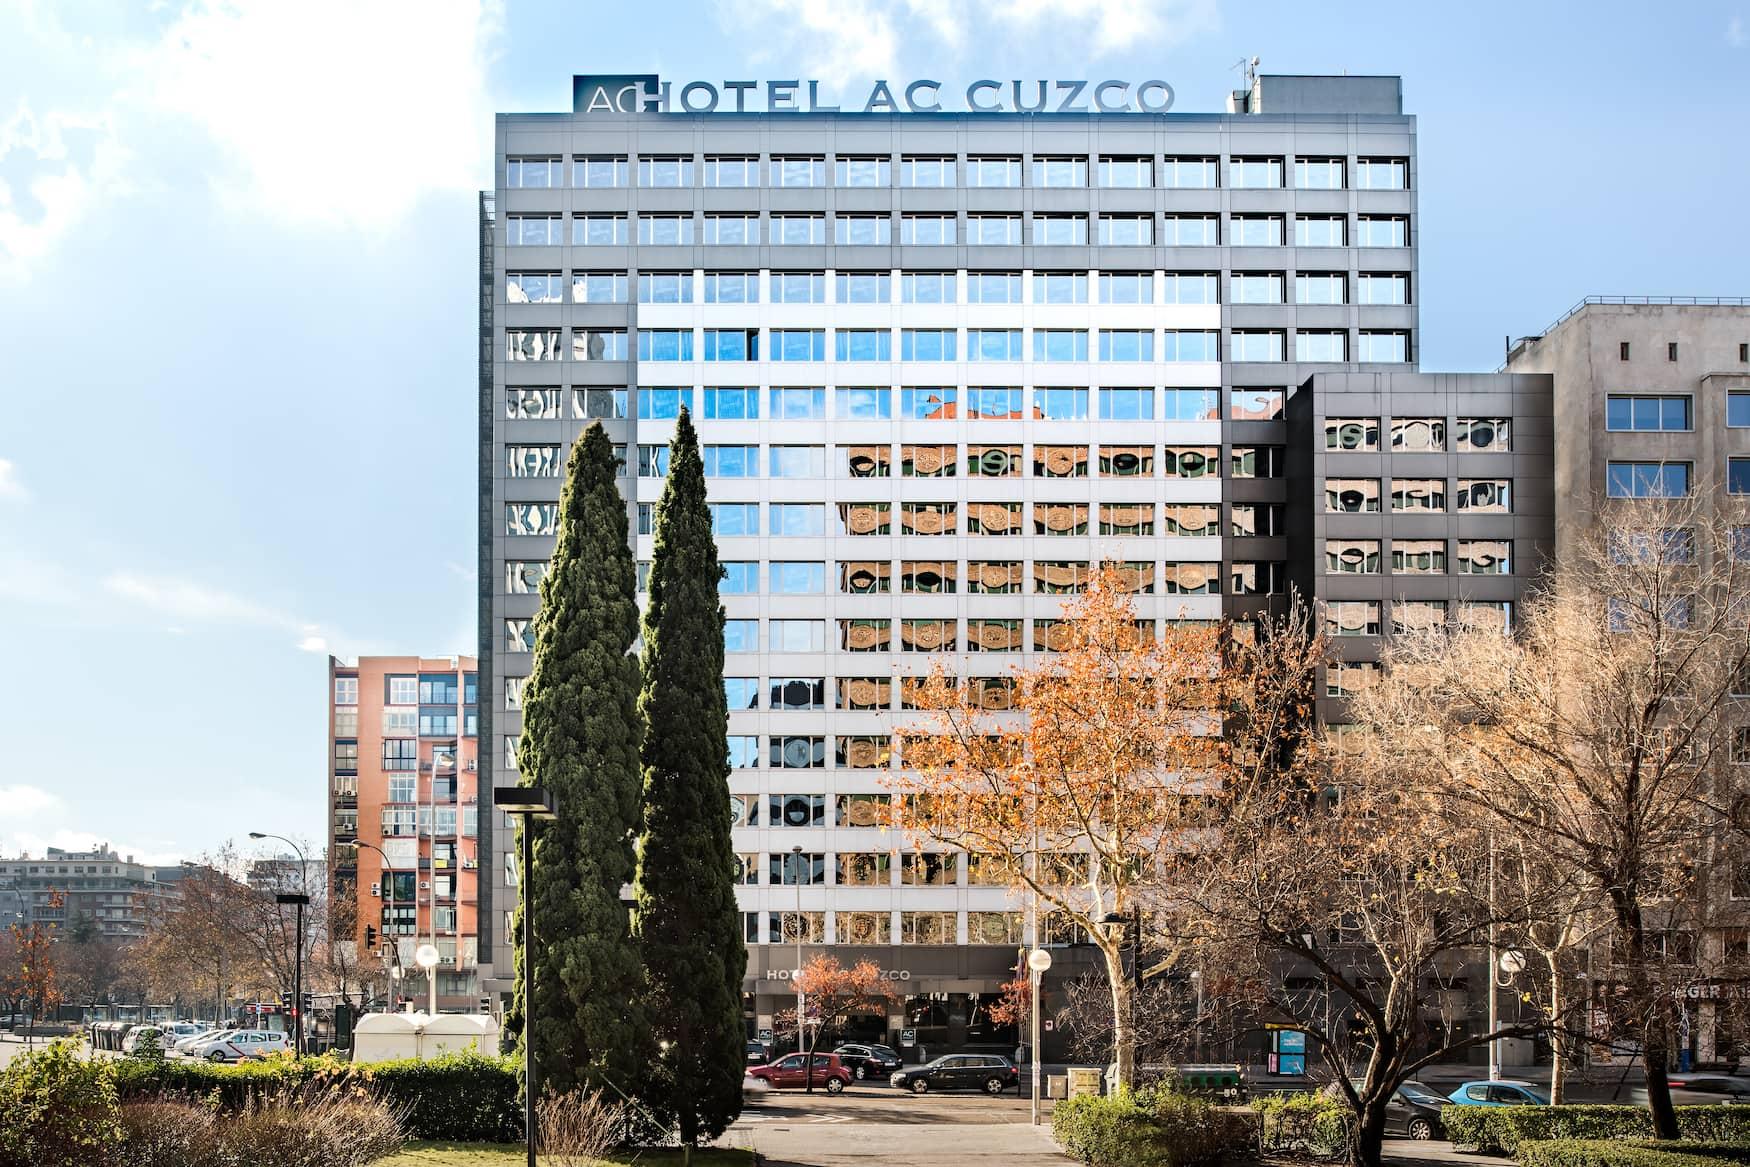 Aussenfassade des AC Hotel Cuzco in Madrid